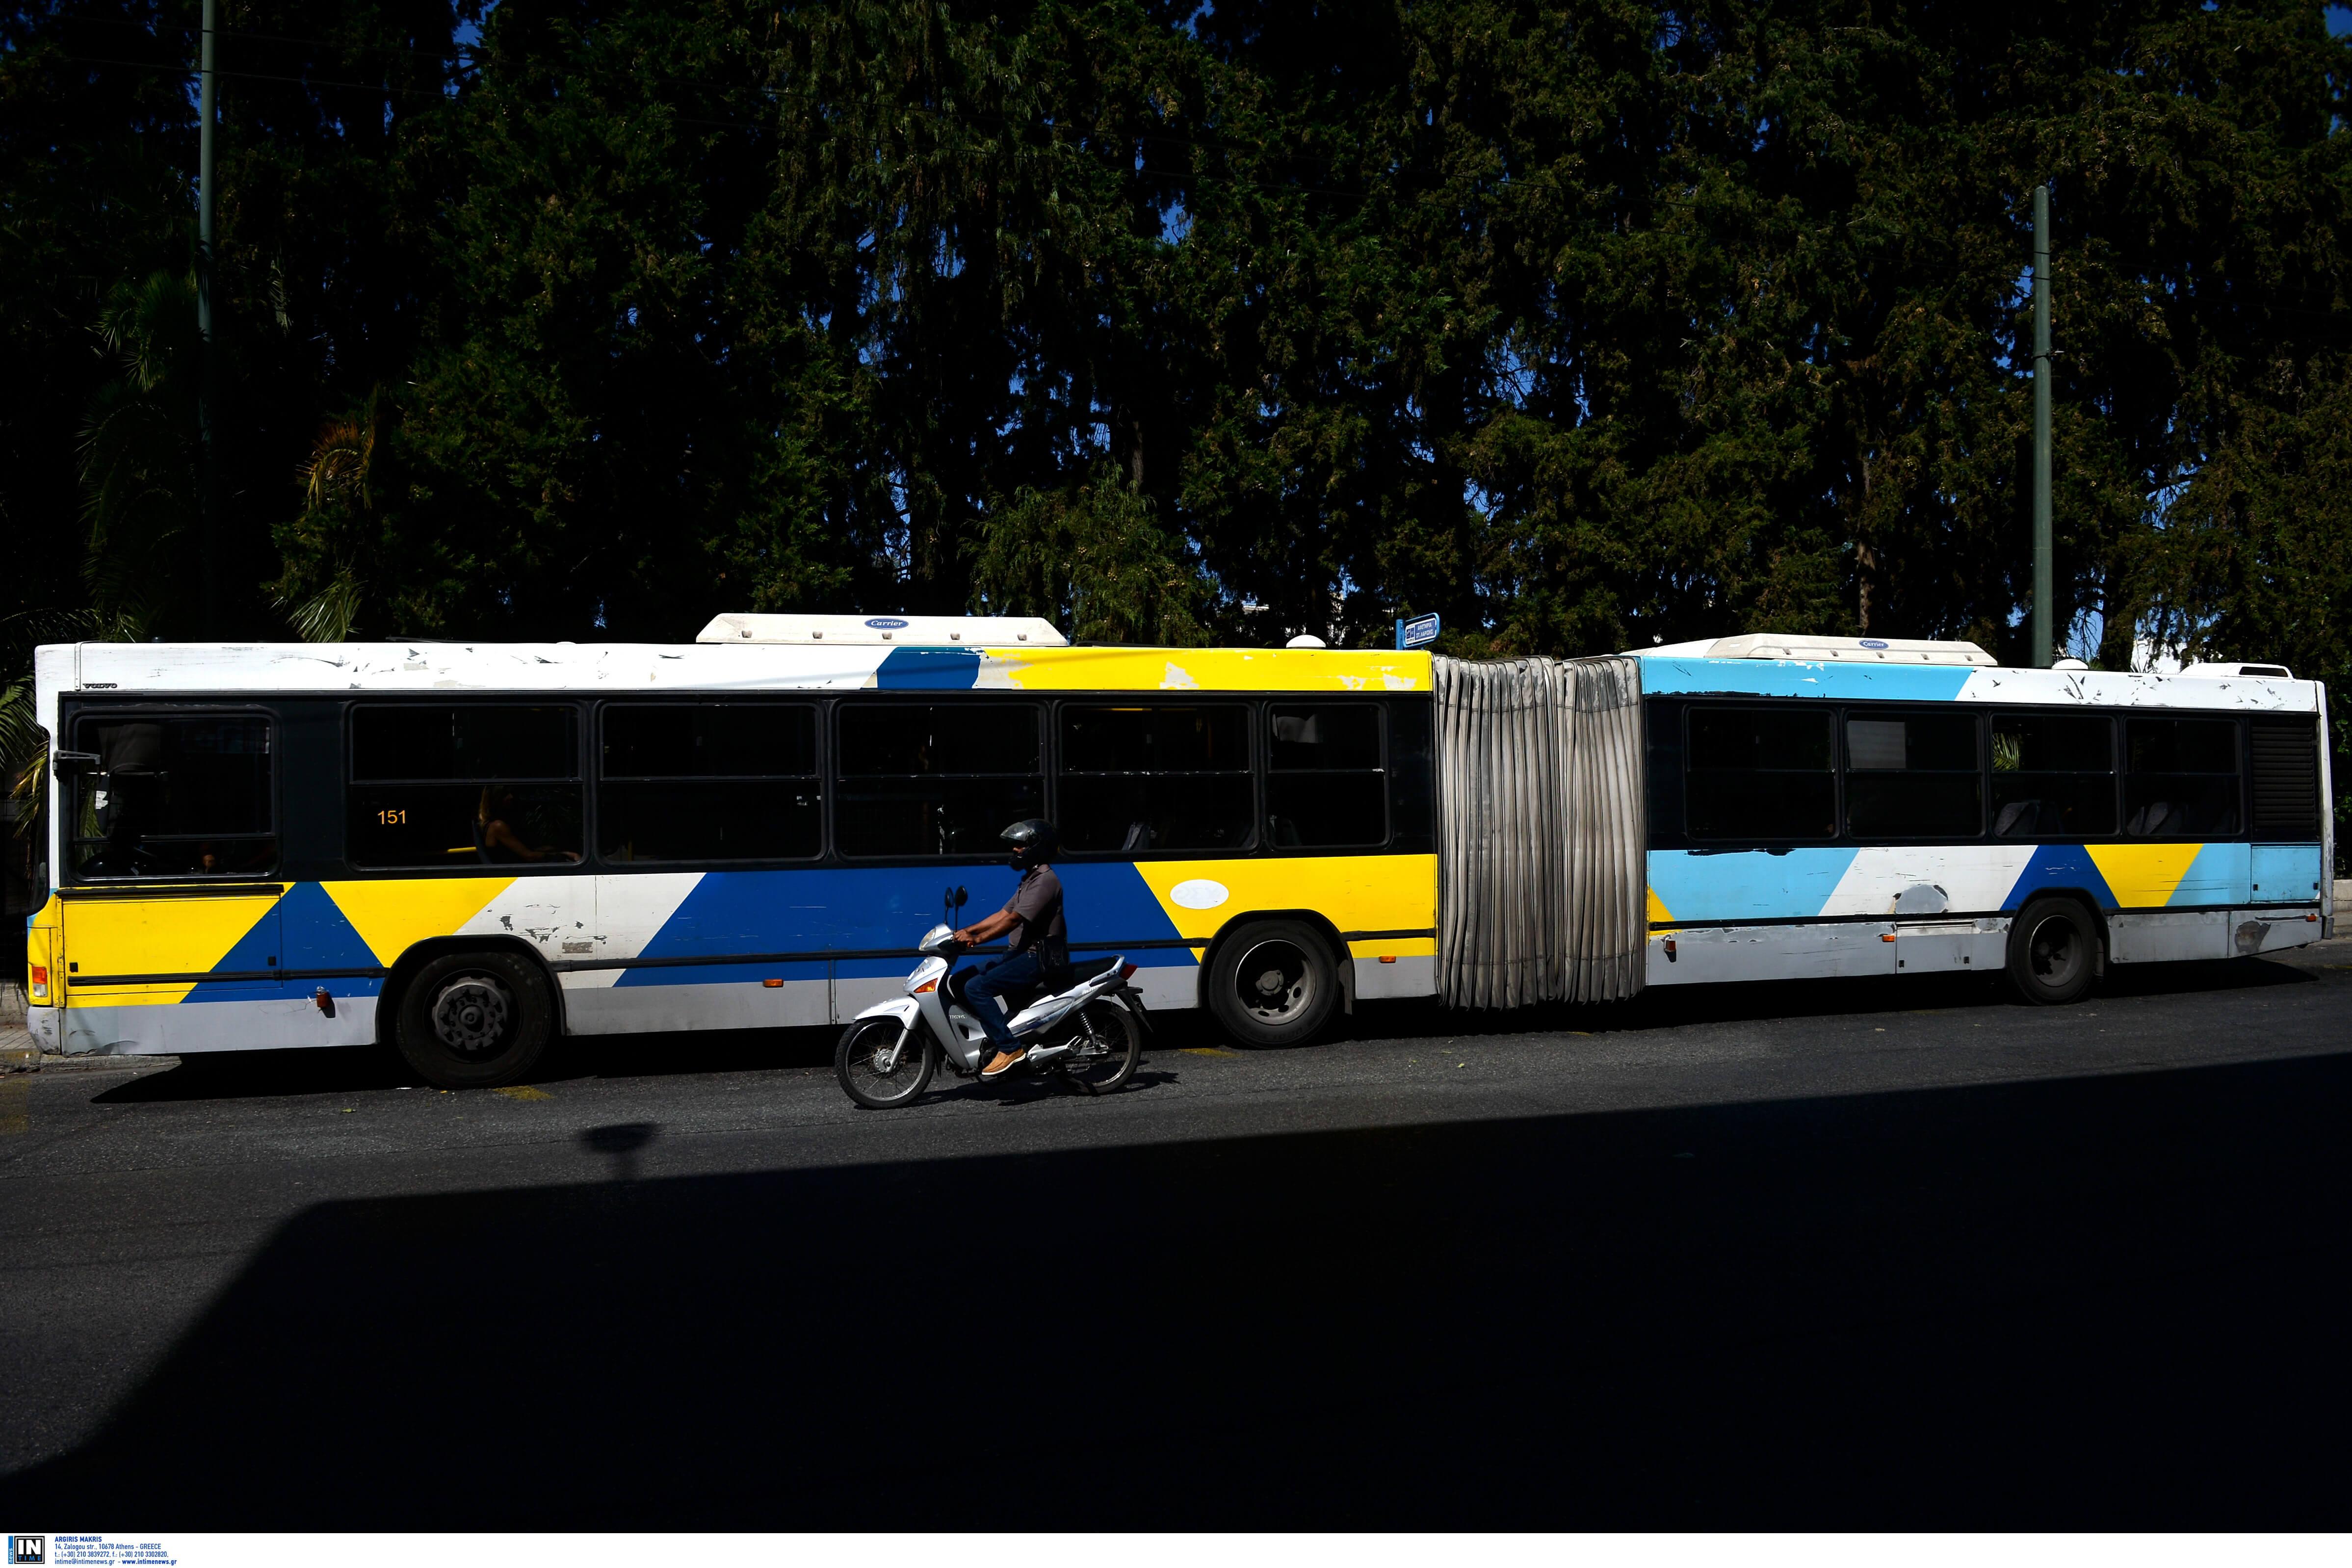 Πάσχα 2019: Πως θα κινηθούν λεωφορεία και τρόλεϊ